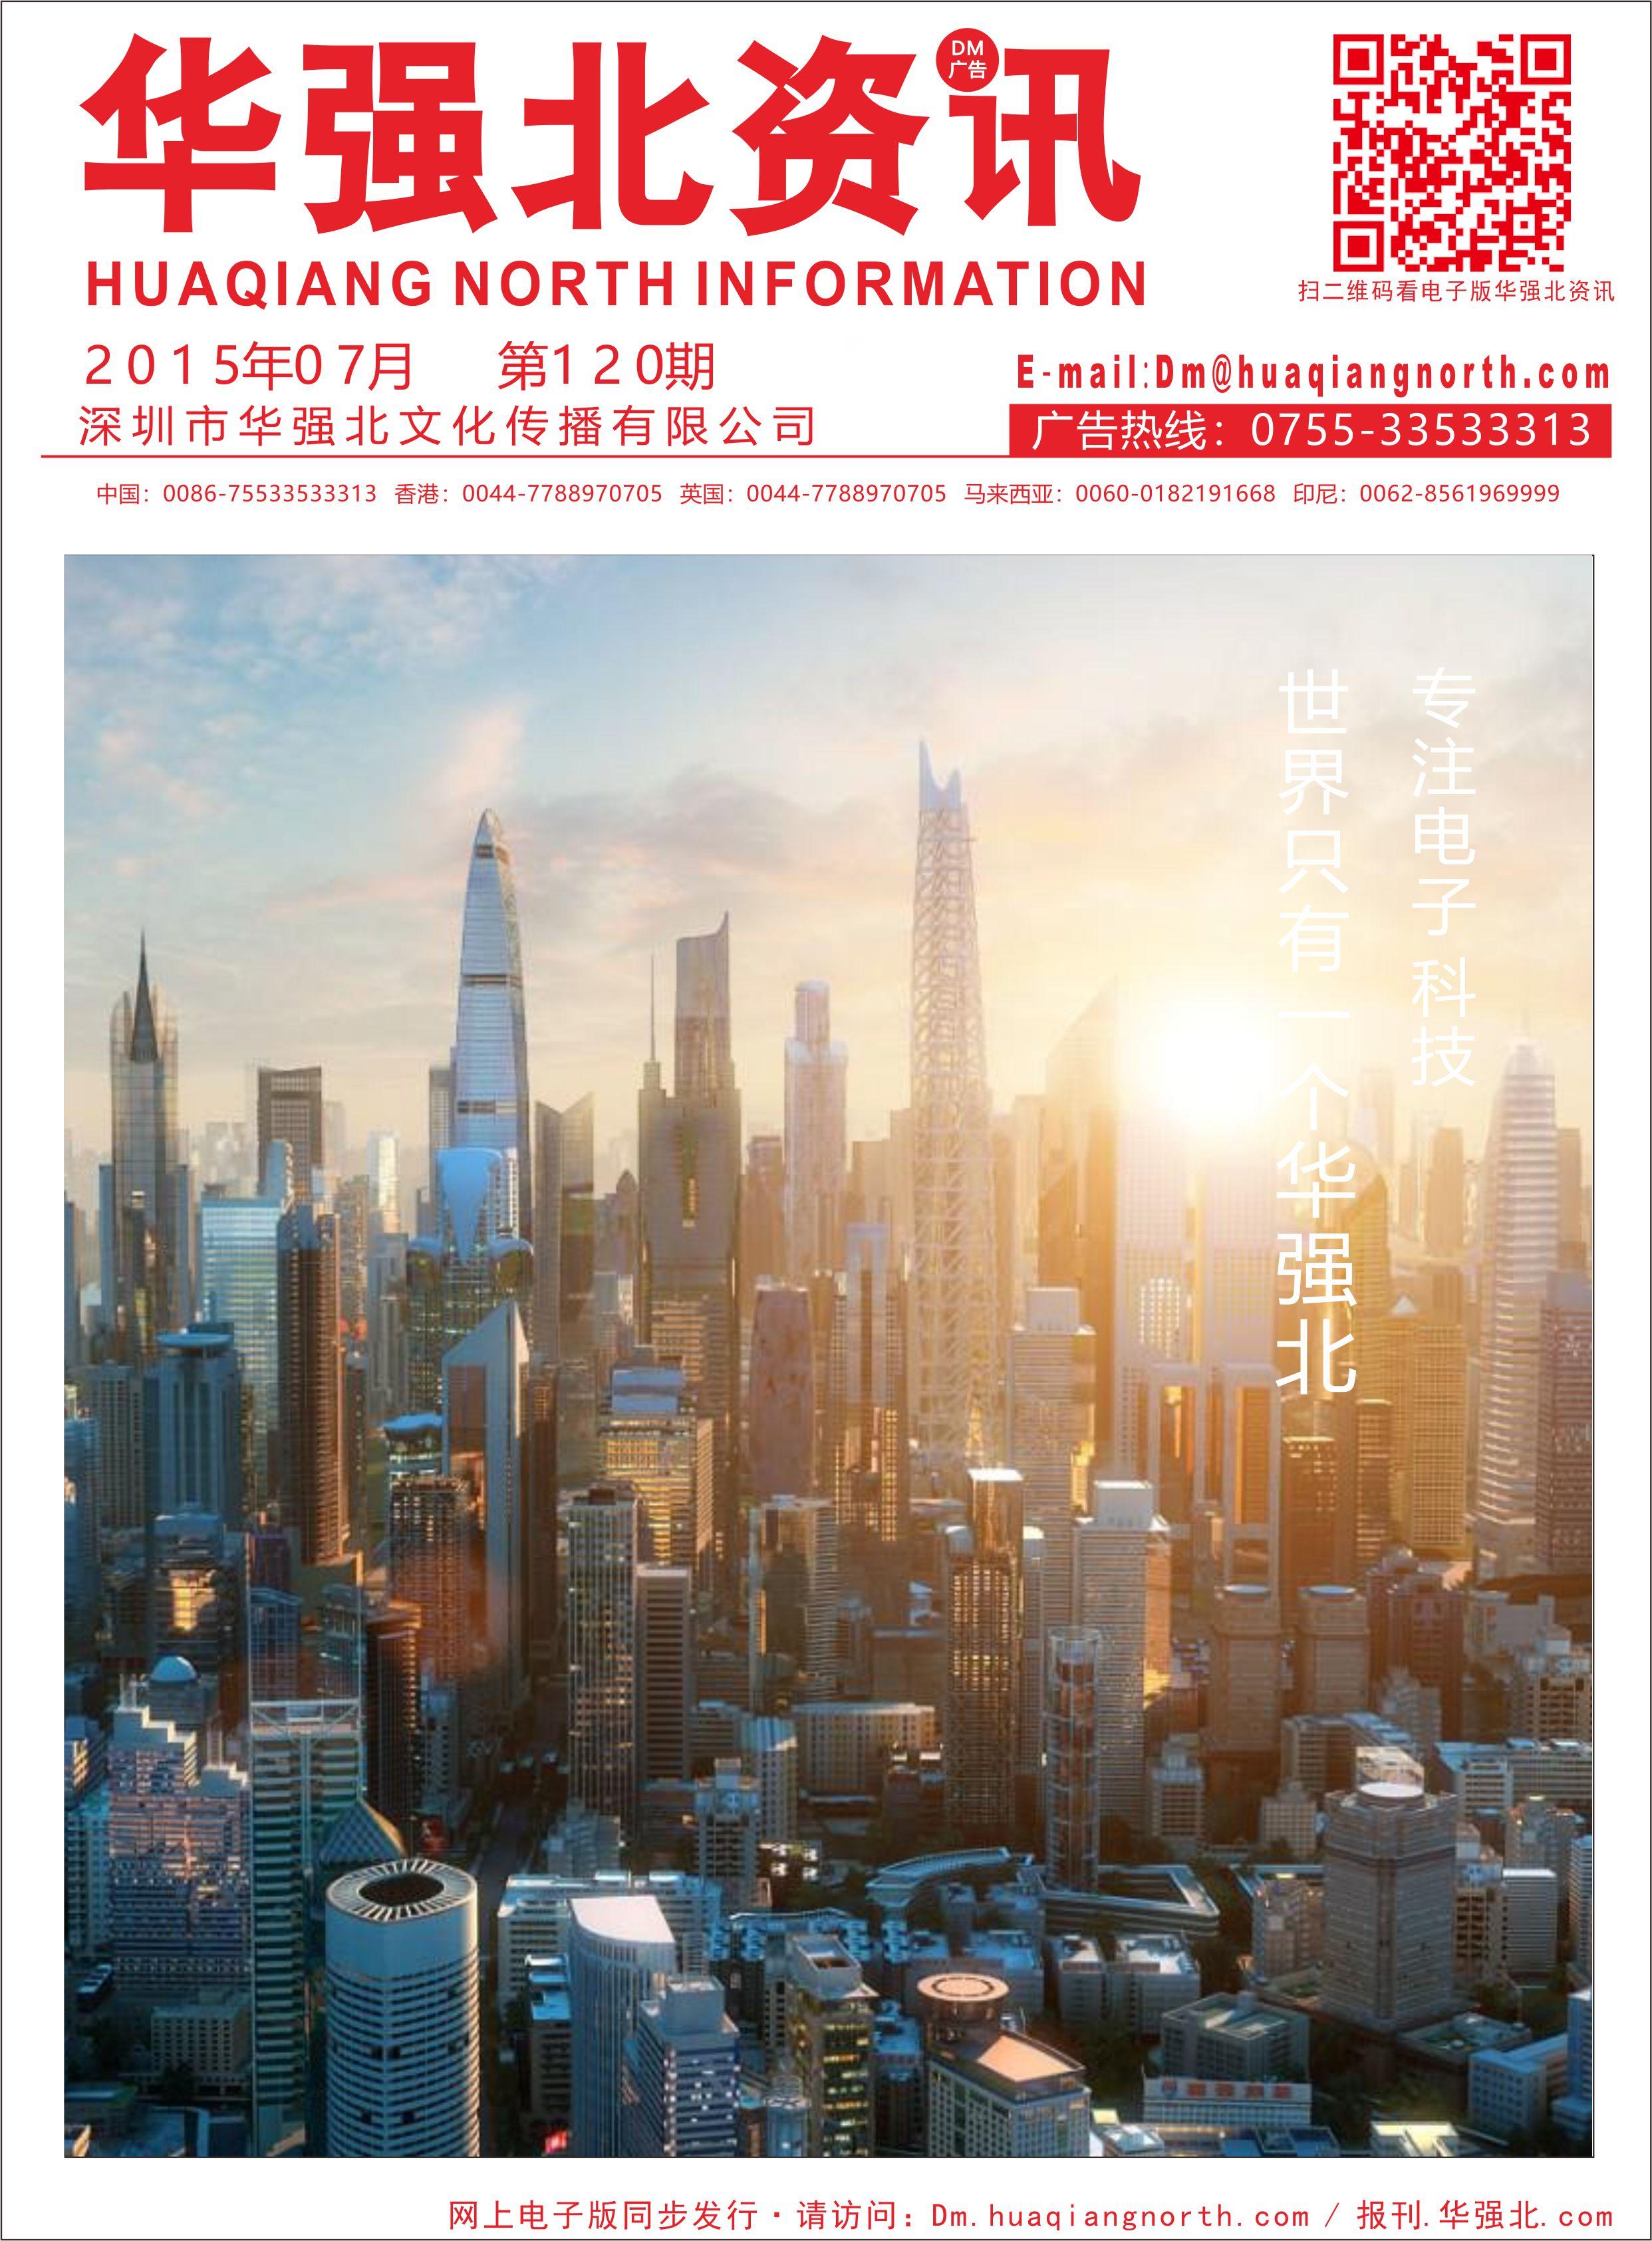 华强北资讯第120期